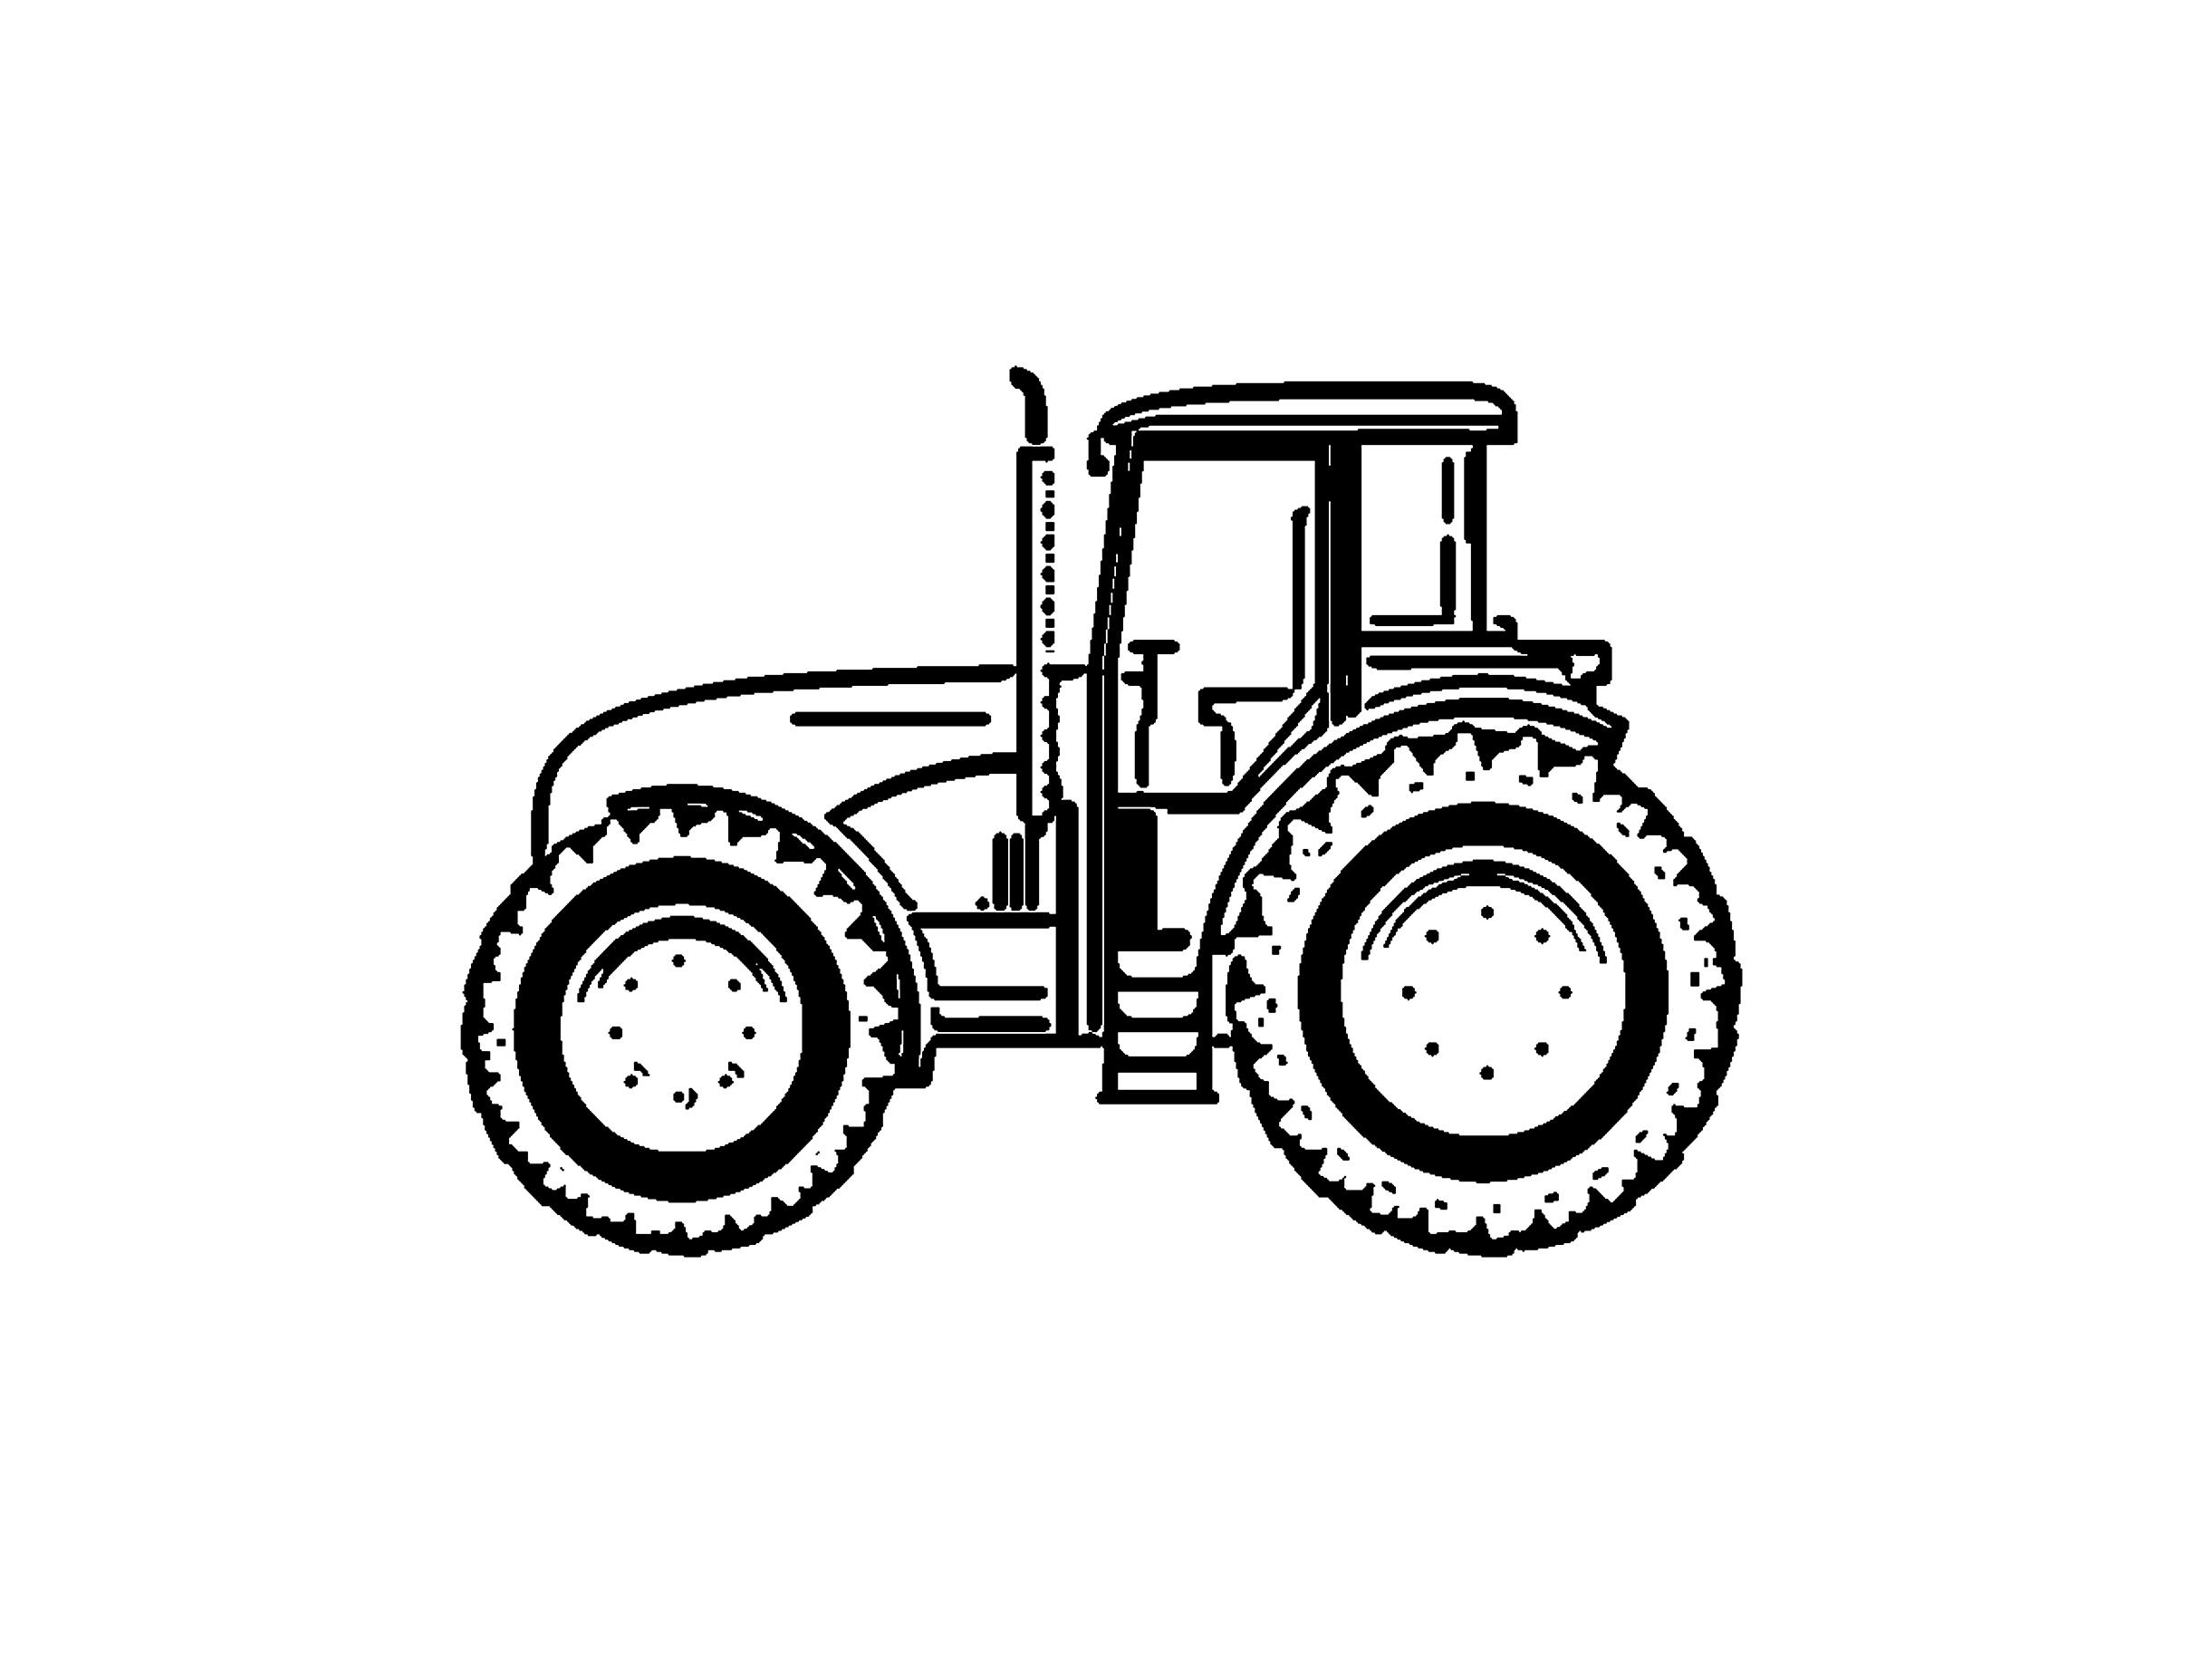 Traktor Ausmalbilder Kostenlos Malvorlagen Windowcolor zum Drucken